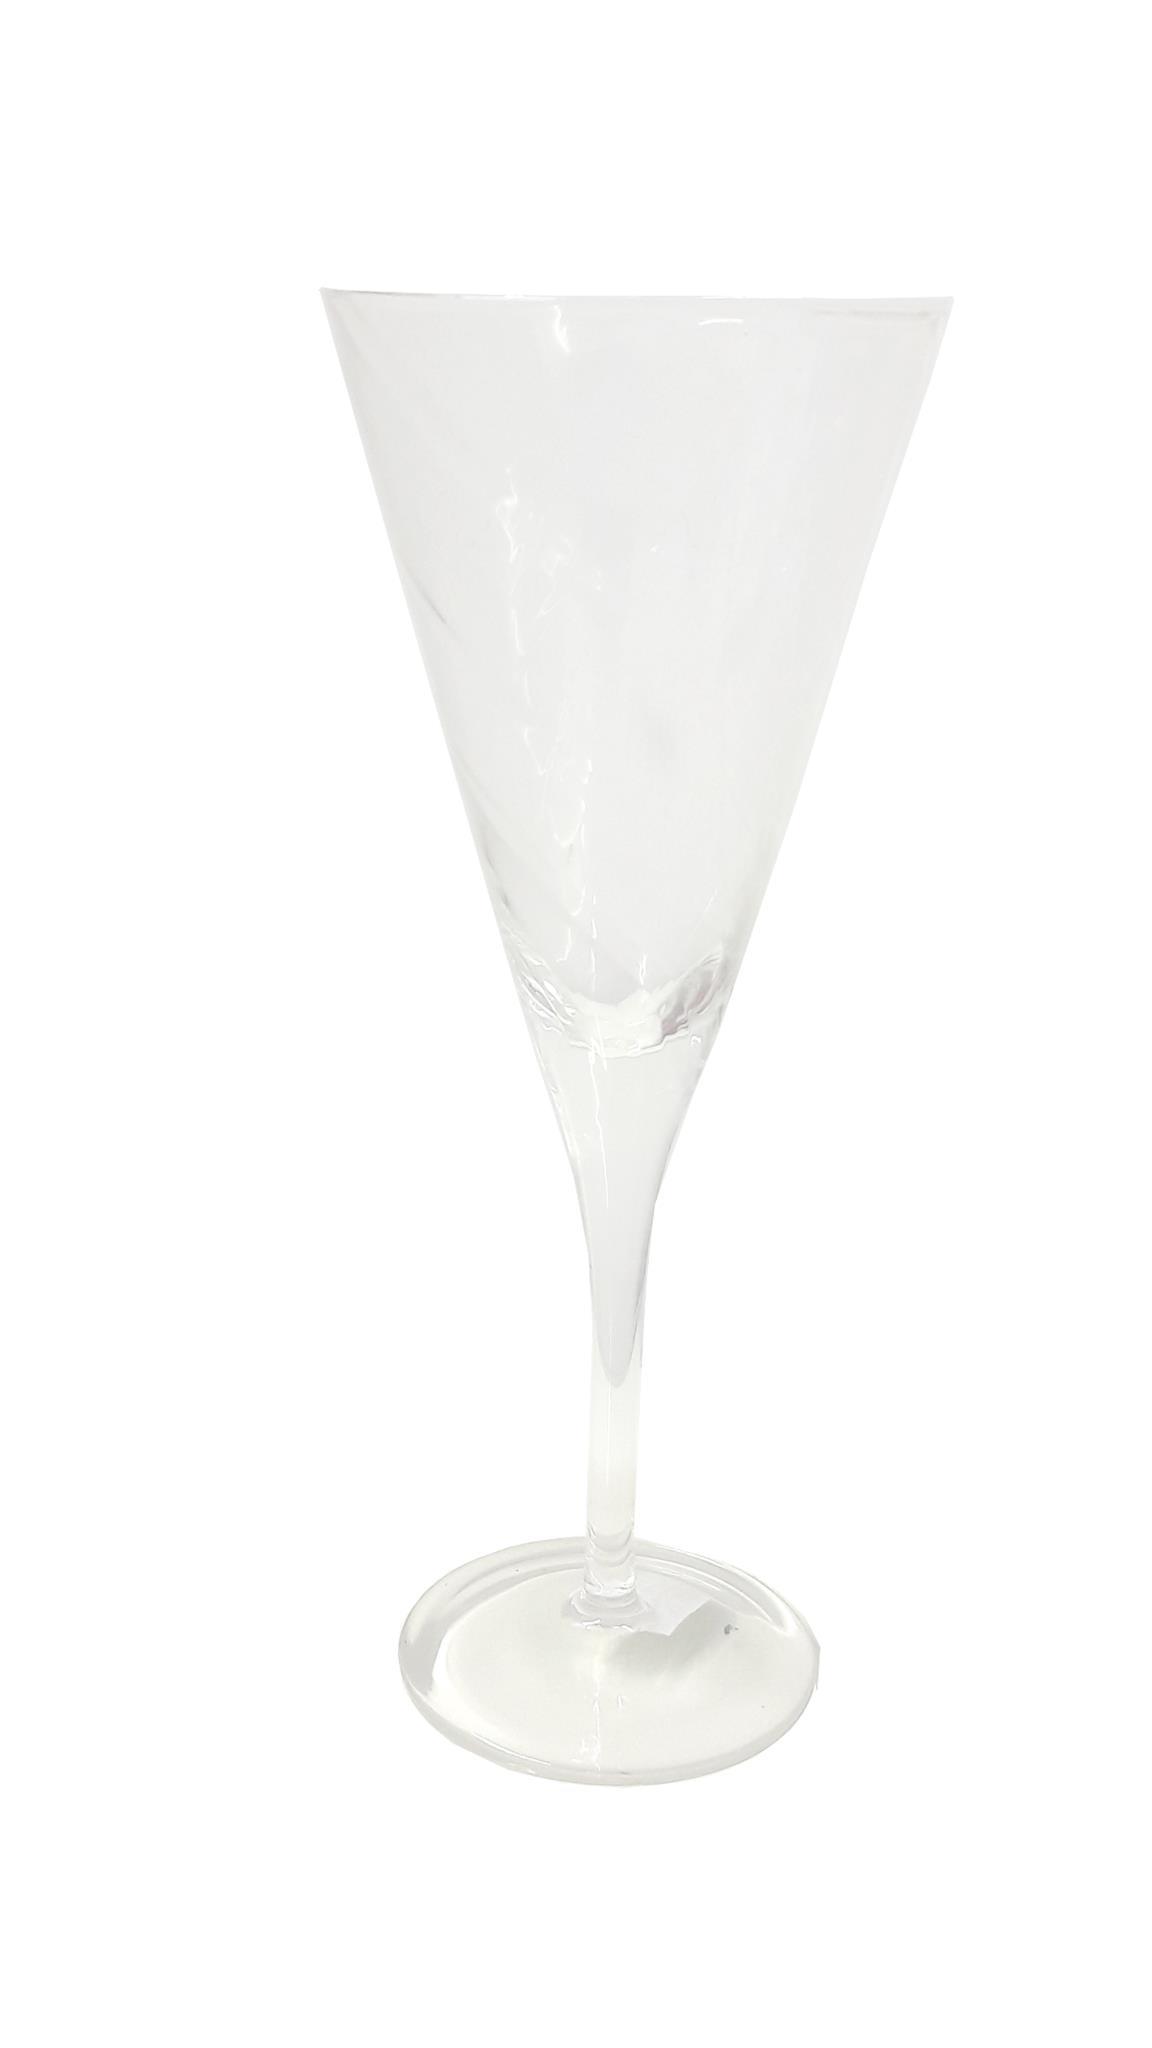 גביע זכוכית גדול - מרטיני